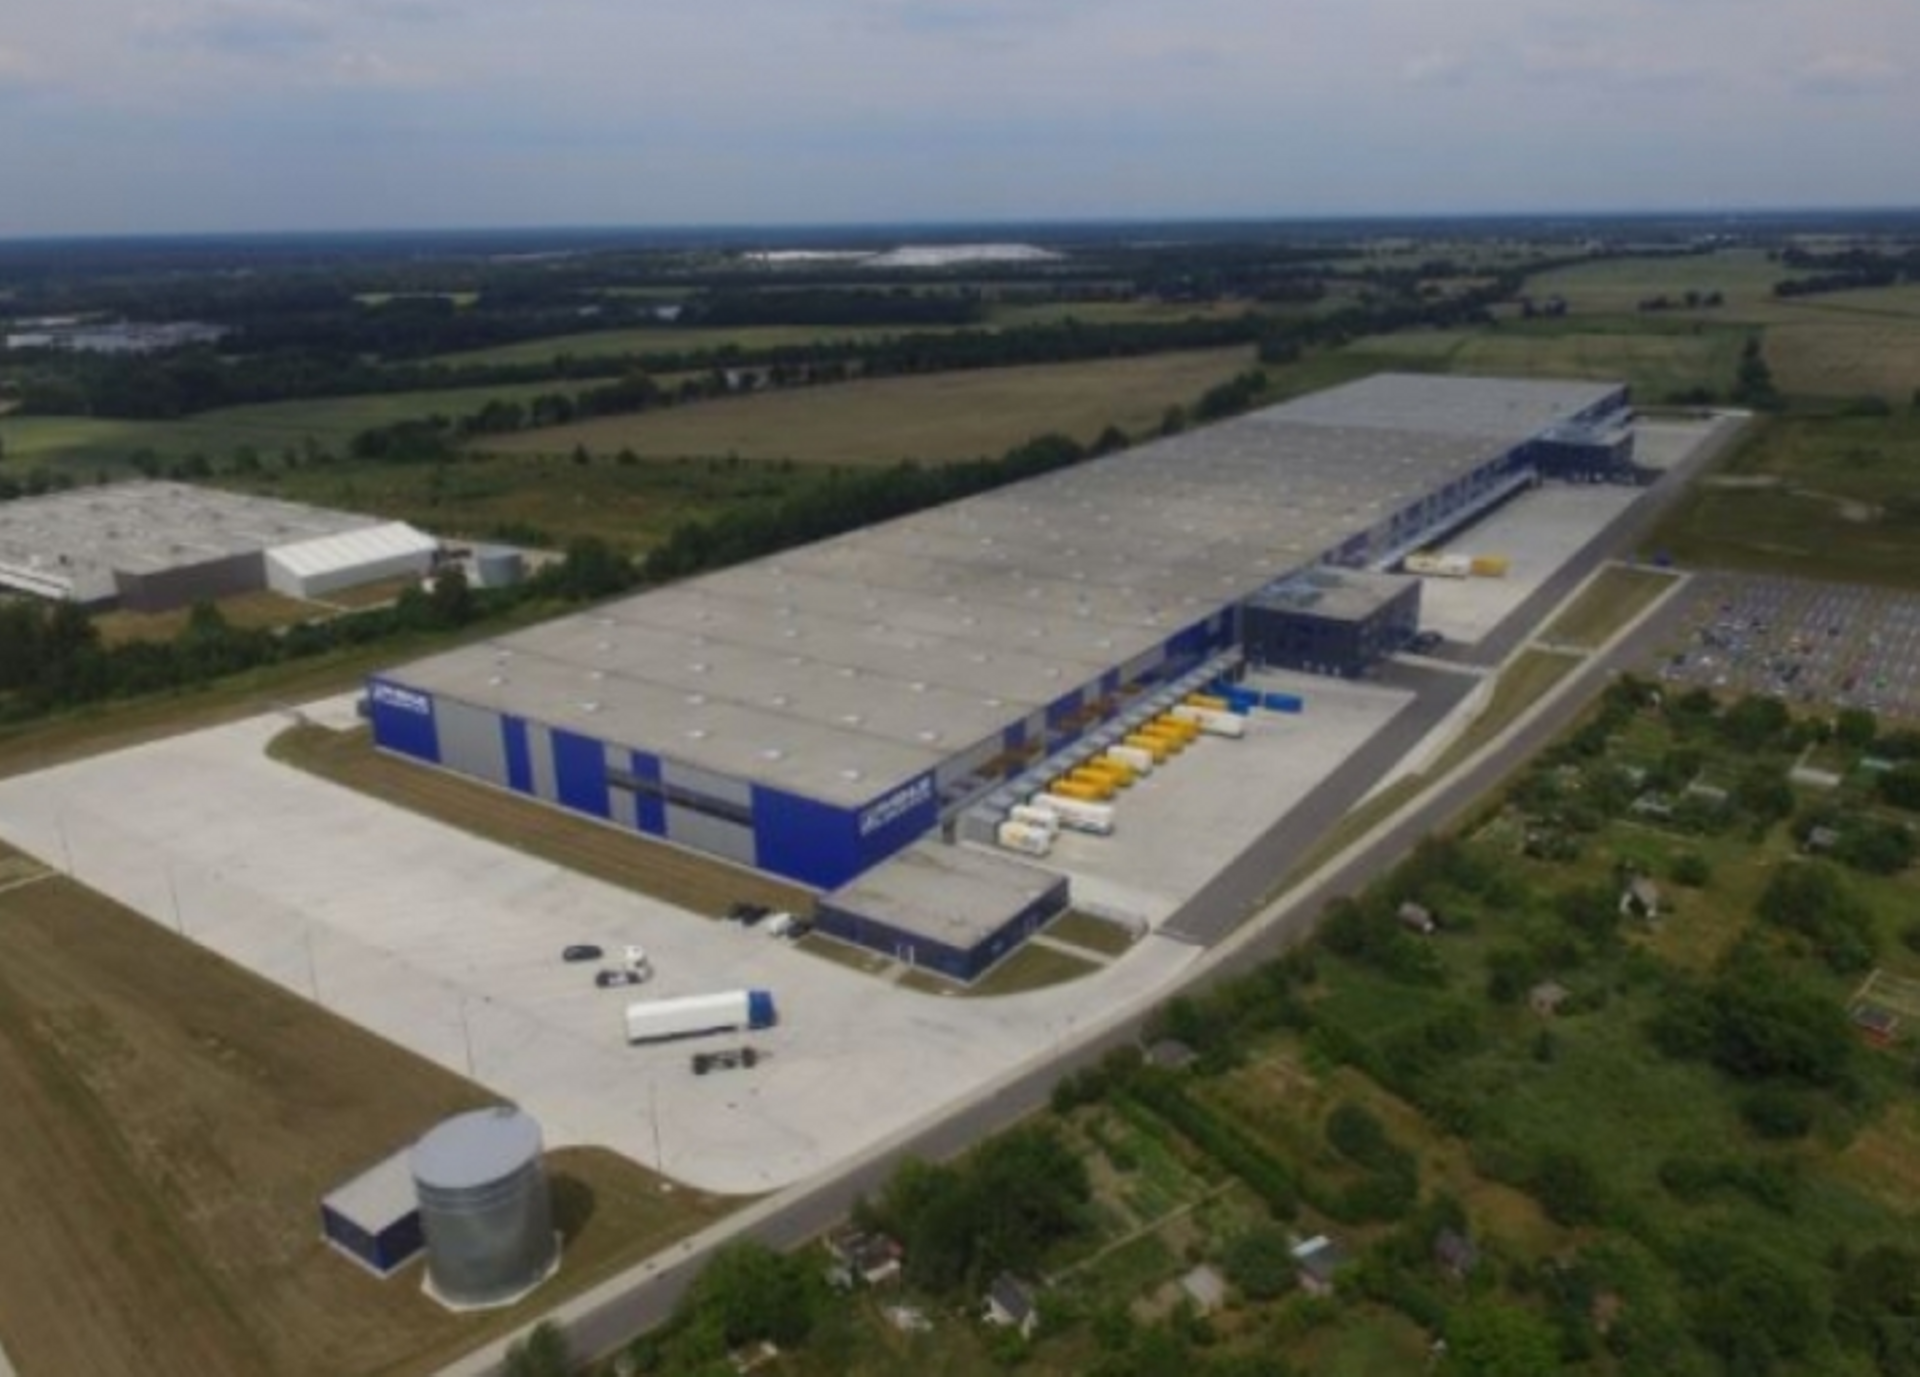 Dolny Śląsk: Przybędzie 1000 nowych miejsc pracy w Bolesławcu dzięki inwestycji Rhenus Logistics